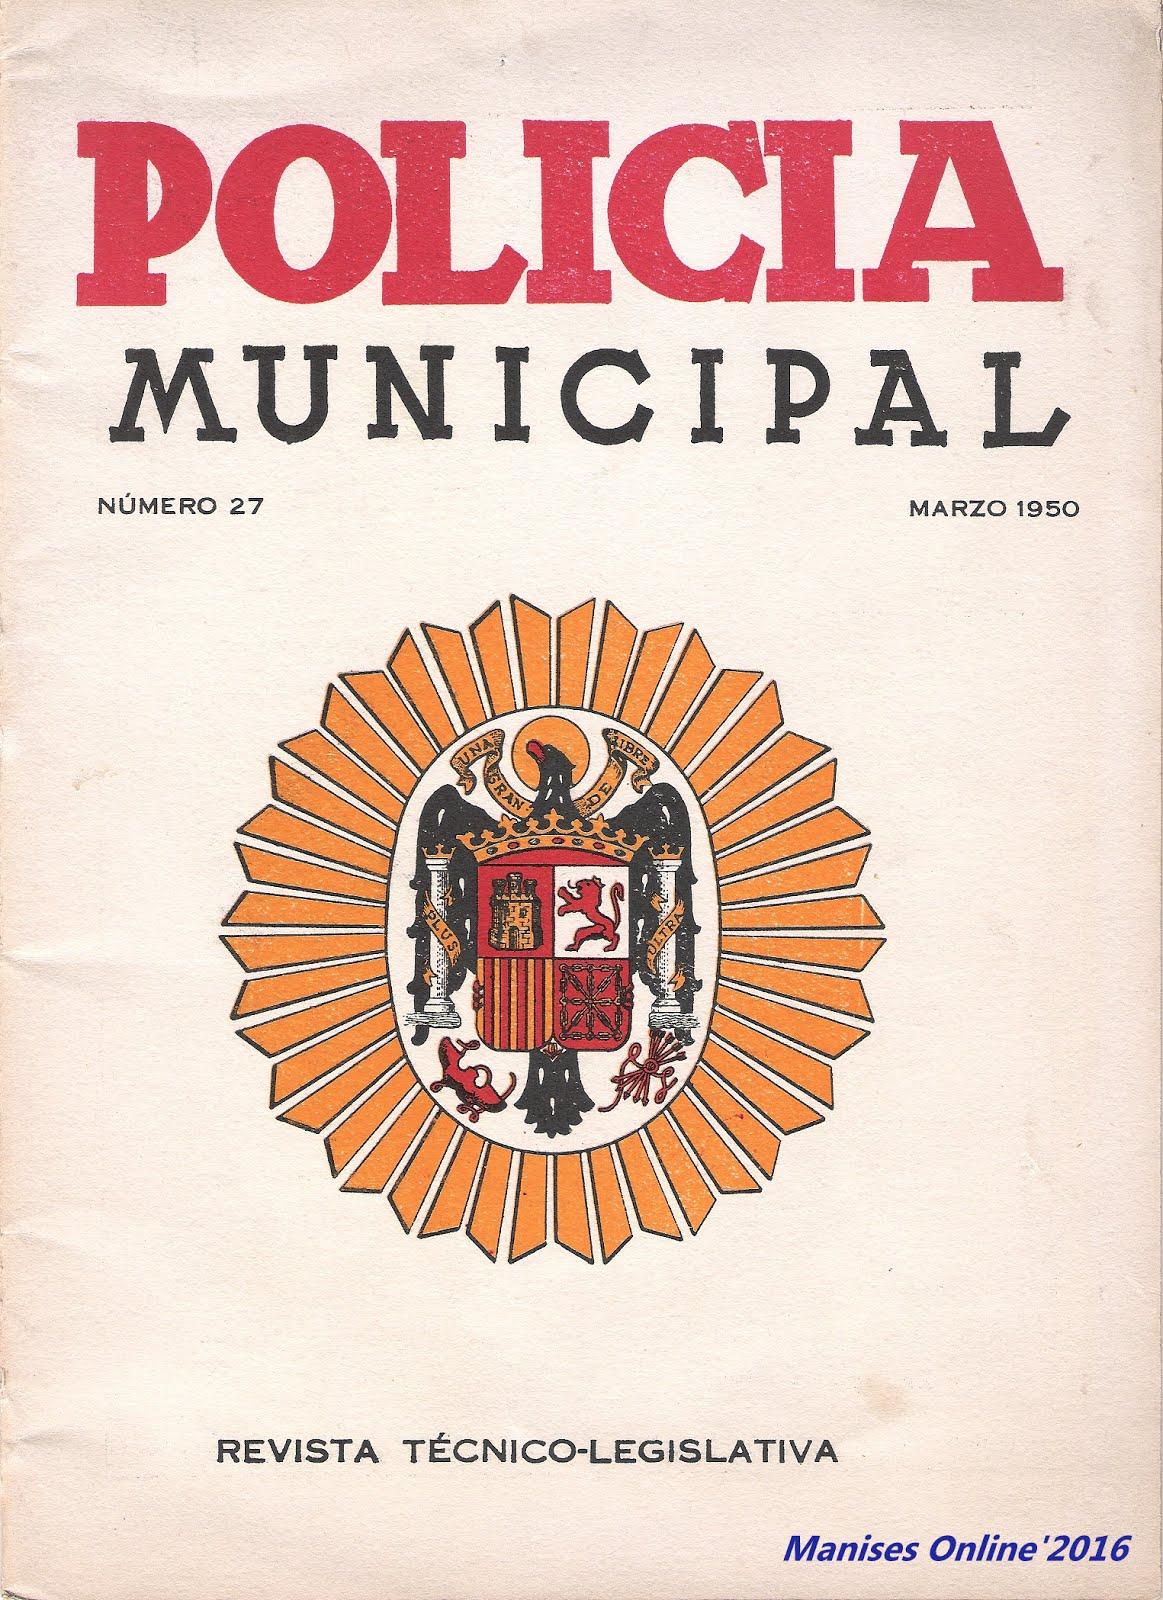 26.12.16 EN EL AÑO 1946, HA- CE AHORA 70 AÑOS, SE CREÓ LA POLICÍA MUNICIPAL DE MANISES, SU HISTORIA